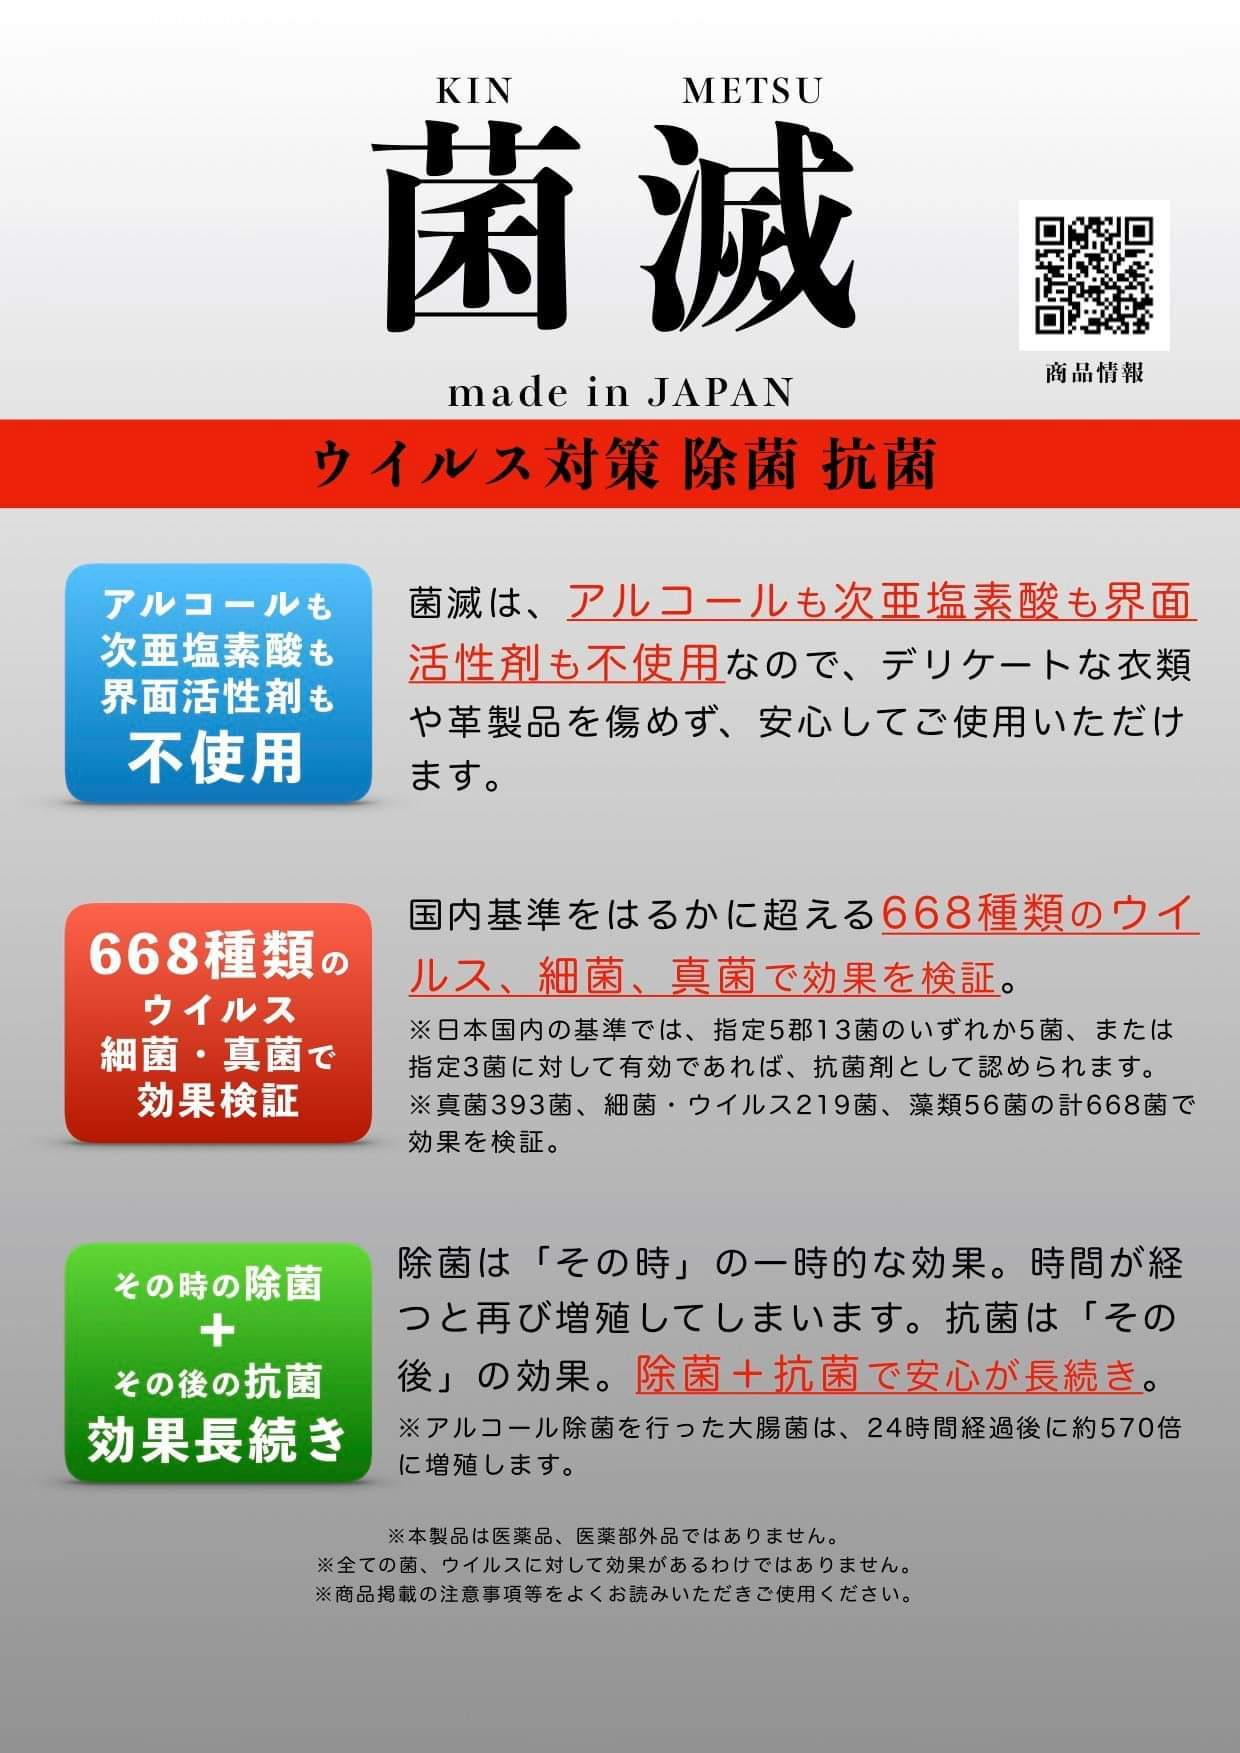 新発売! 「シャツ地マスク」&「菌滅」 編_c0177259_21391432.jpeg